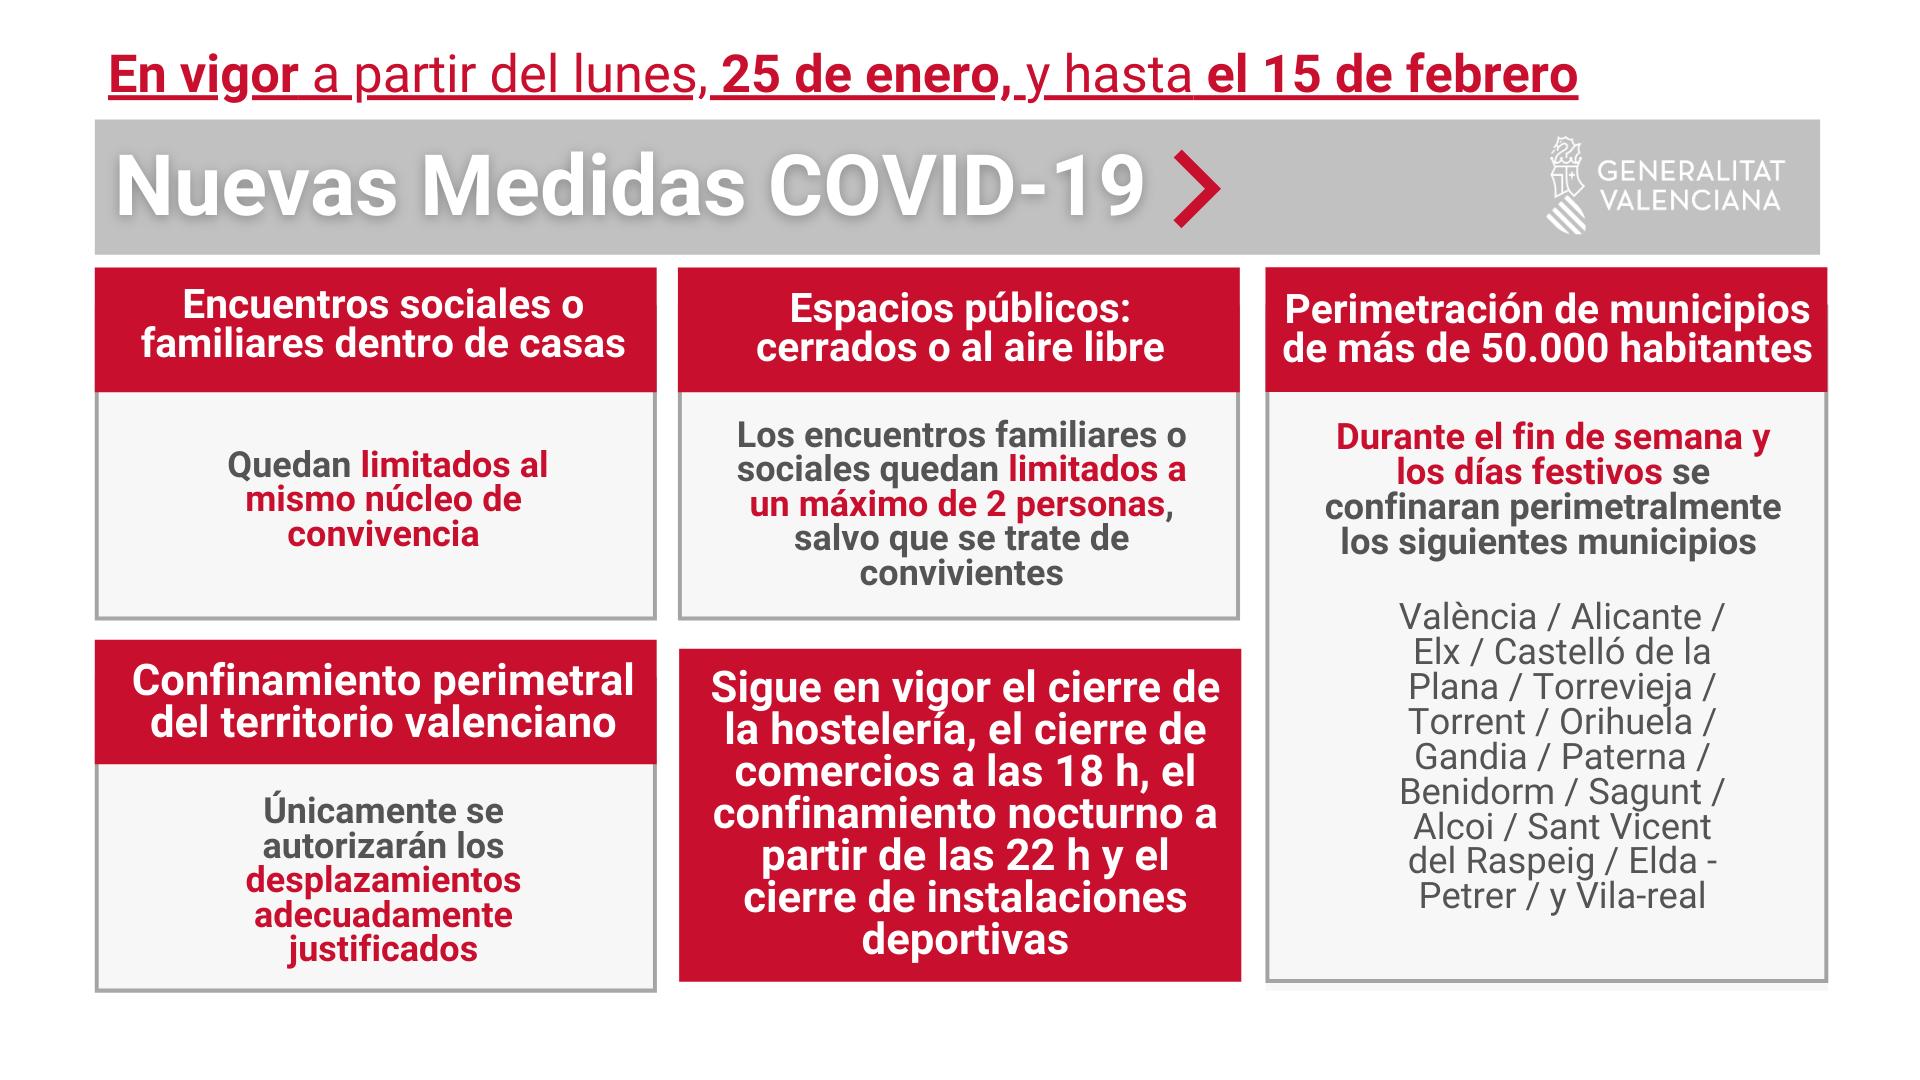 Nuevas medidas Covid-19 Comunidad Valenciana Sanchis asesores